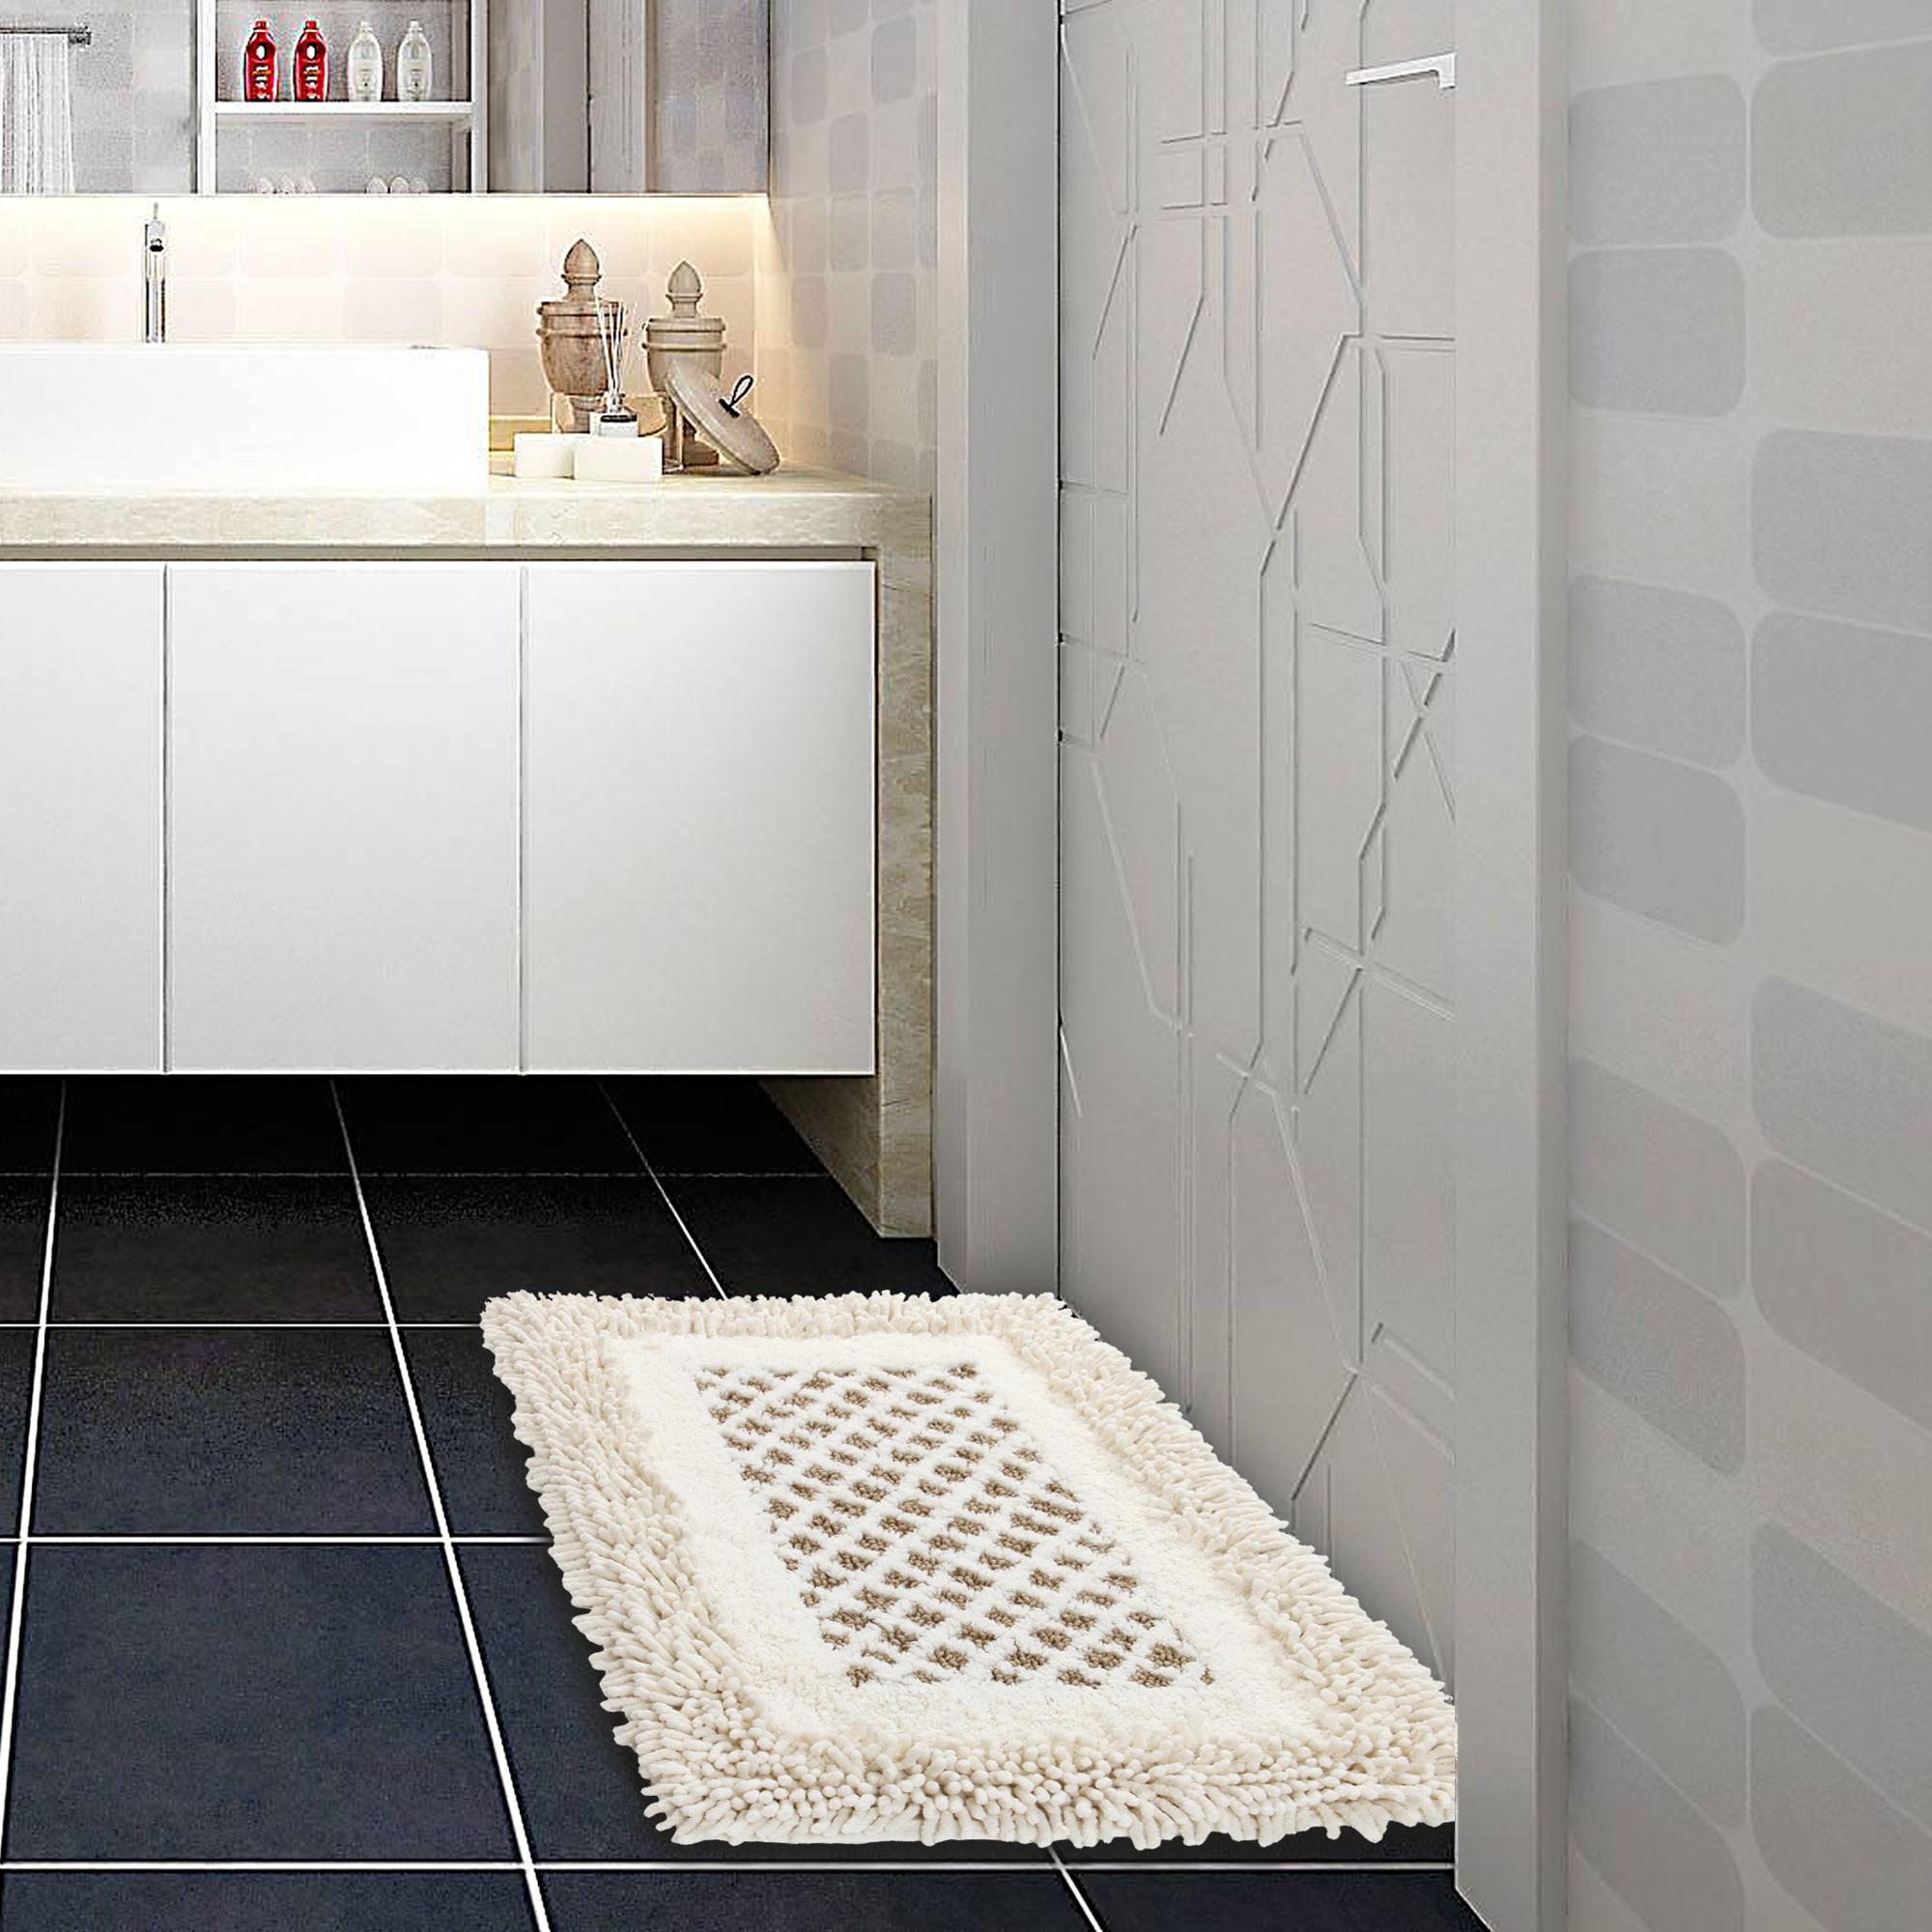 2019 India Center Children Kids Play Microfiber Carpet White Bedroom Carpet  Rug - Buy Carpet Rug,Bedroom Carpet Rug,White Bedroom Carpet Rug Product ...